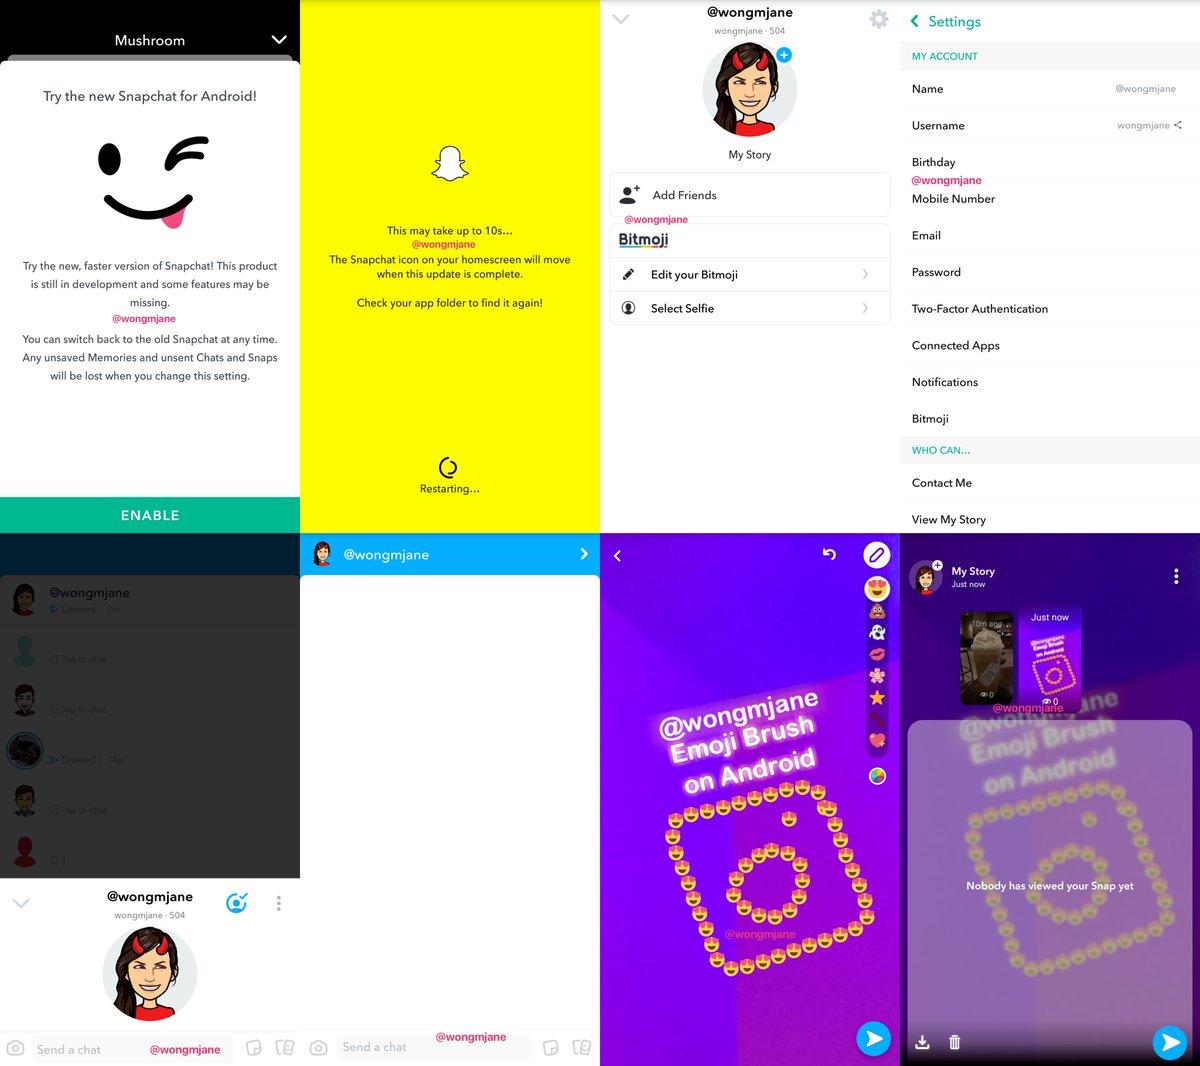 سناب شات تعيد تصميم واجهة المستخدم لتبدو أكثر سلاسة